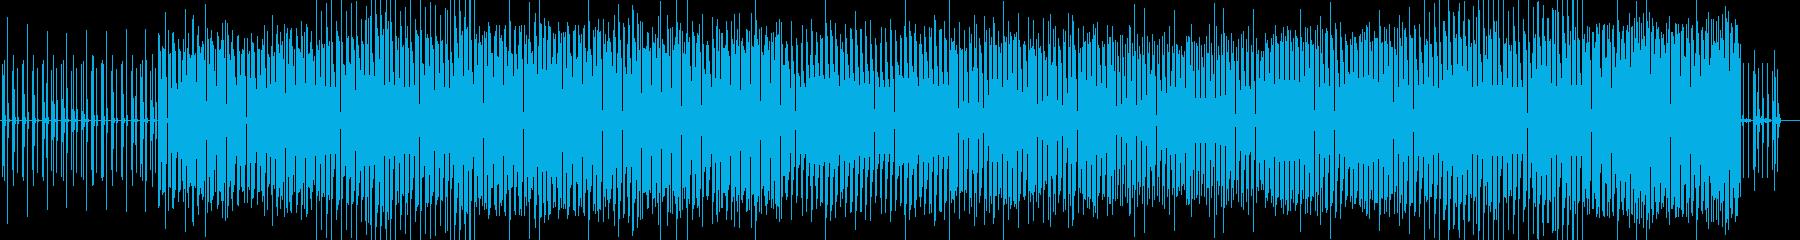 ダンス。素晴らしい音波。ポップコー...の再生済みの波形